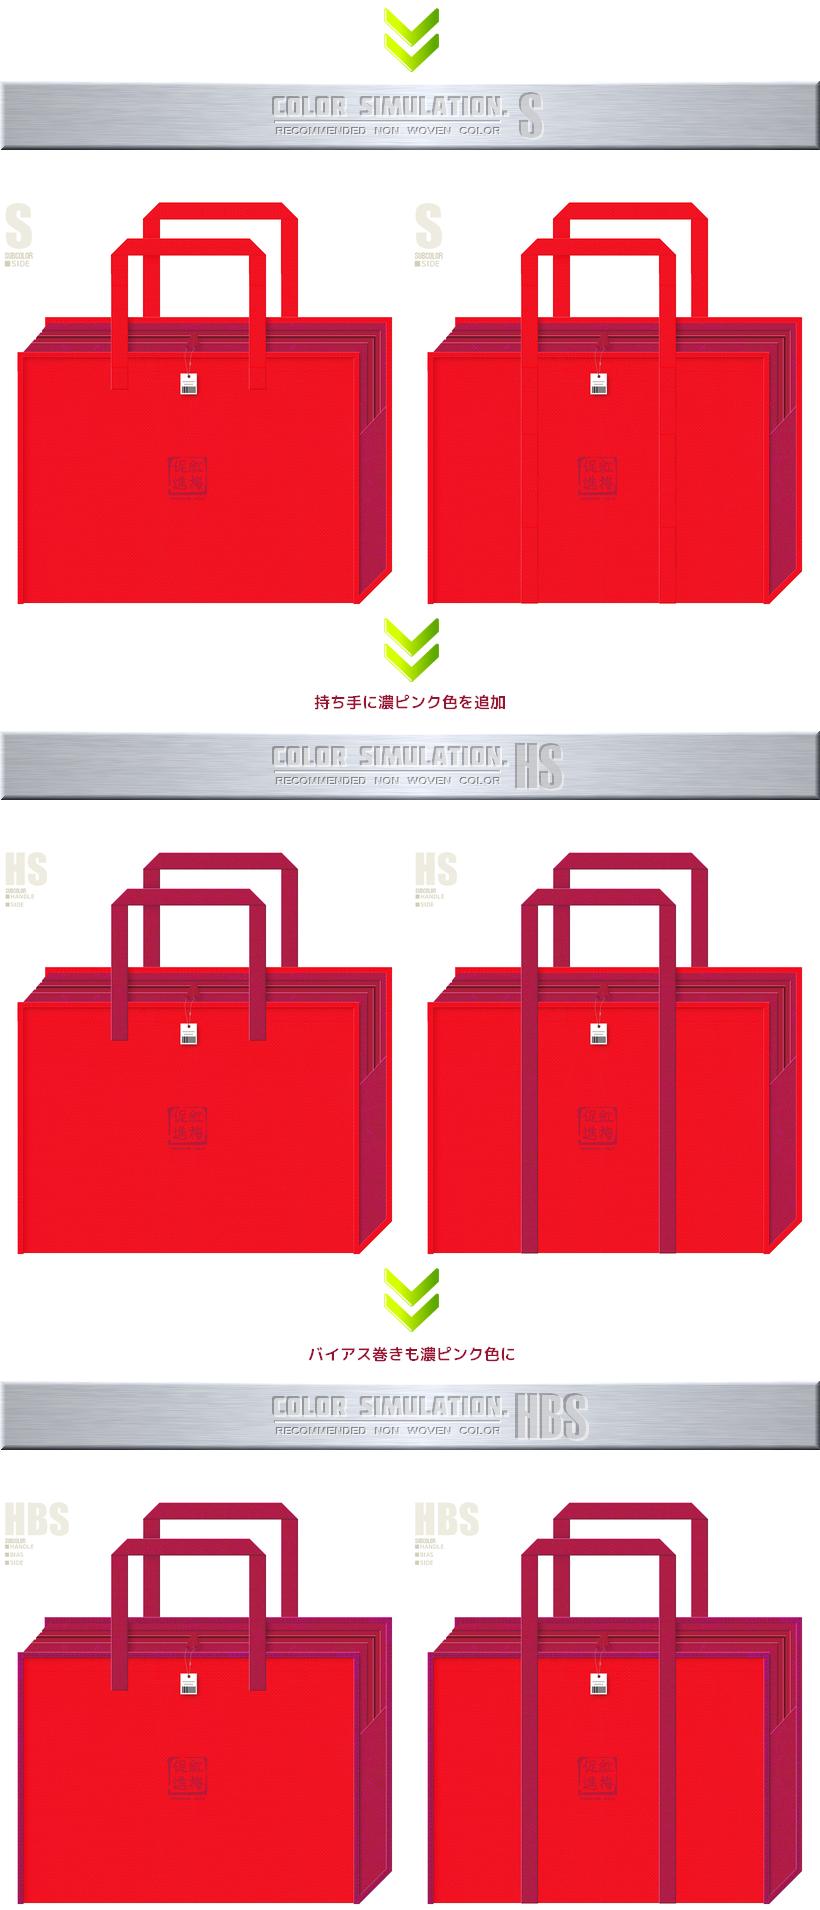 赤色と濃いピンク色の不織布バッグデザインを和風ロゴでカラーシュミレーション:福袋・和風小物のプレミアムセールにお奨めです。